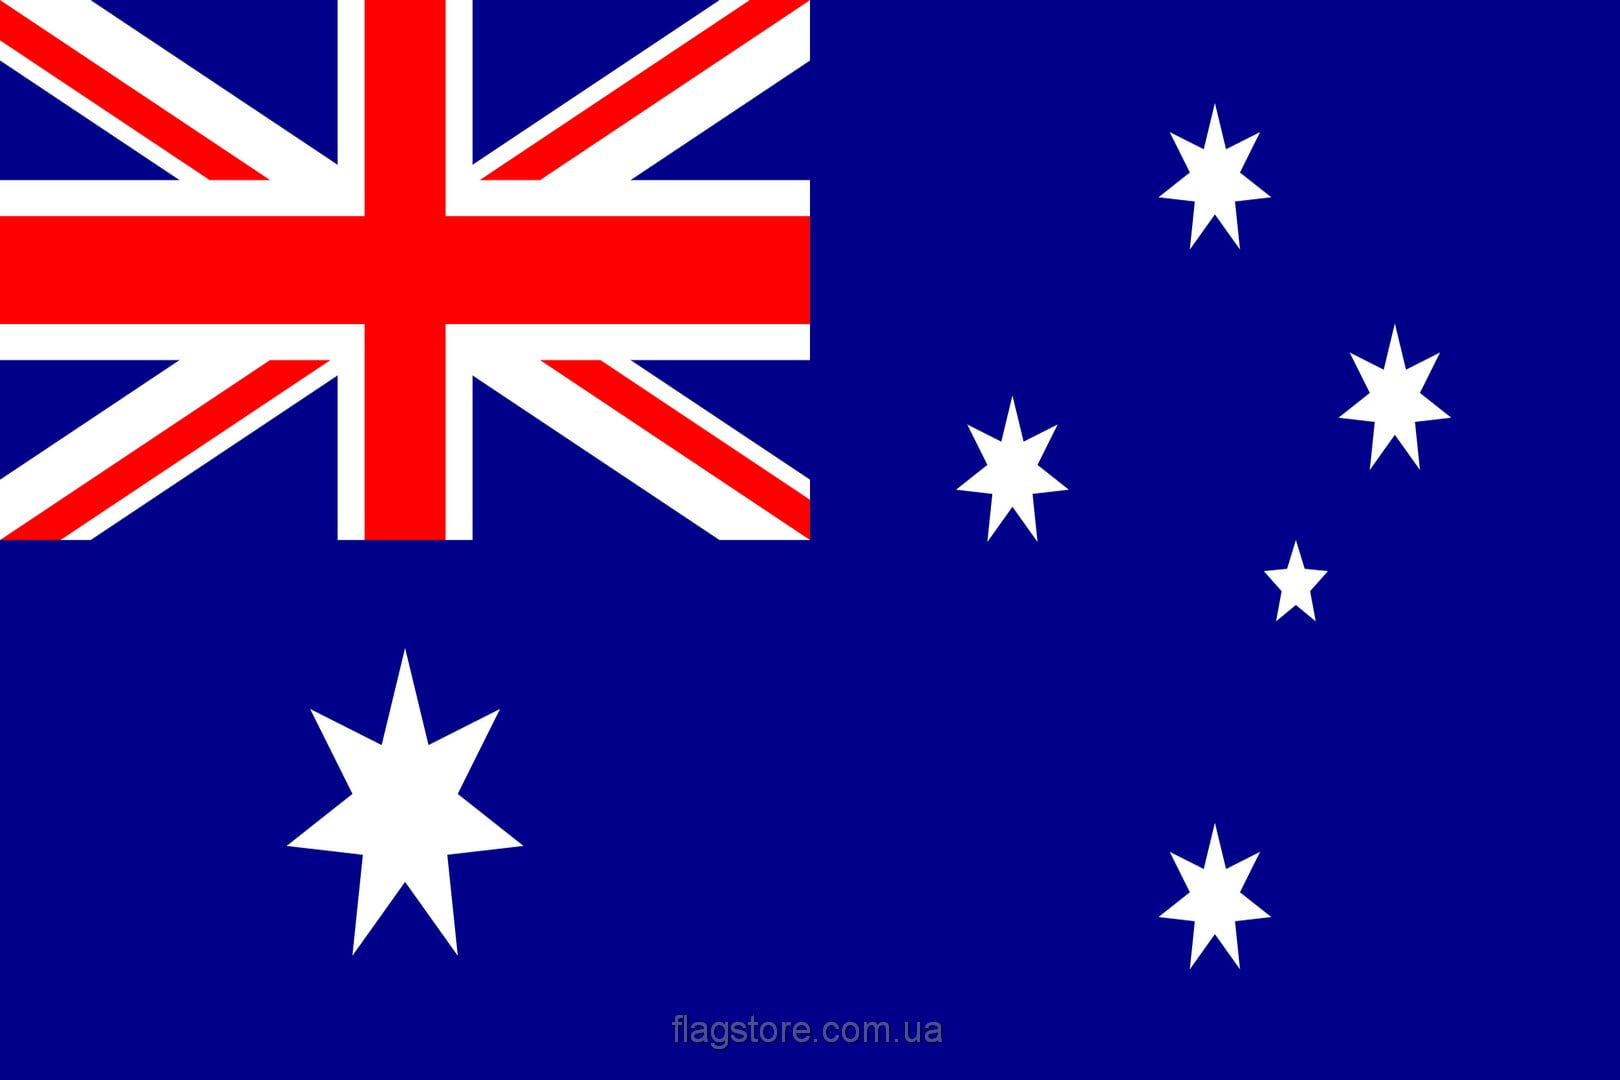 Купить флаг Австралии (страны Австралия)